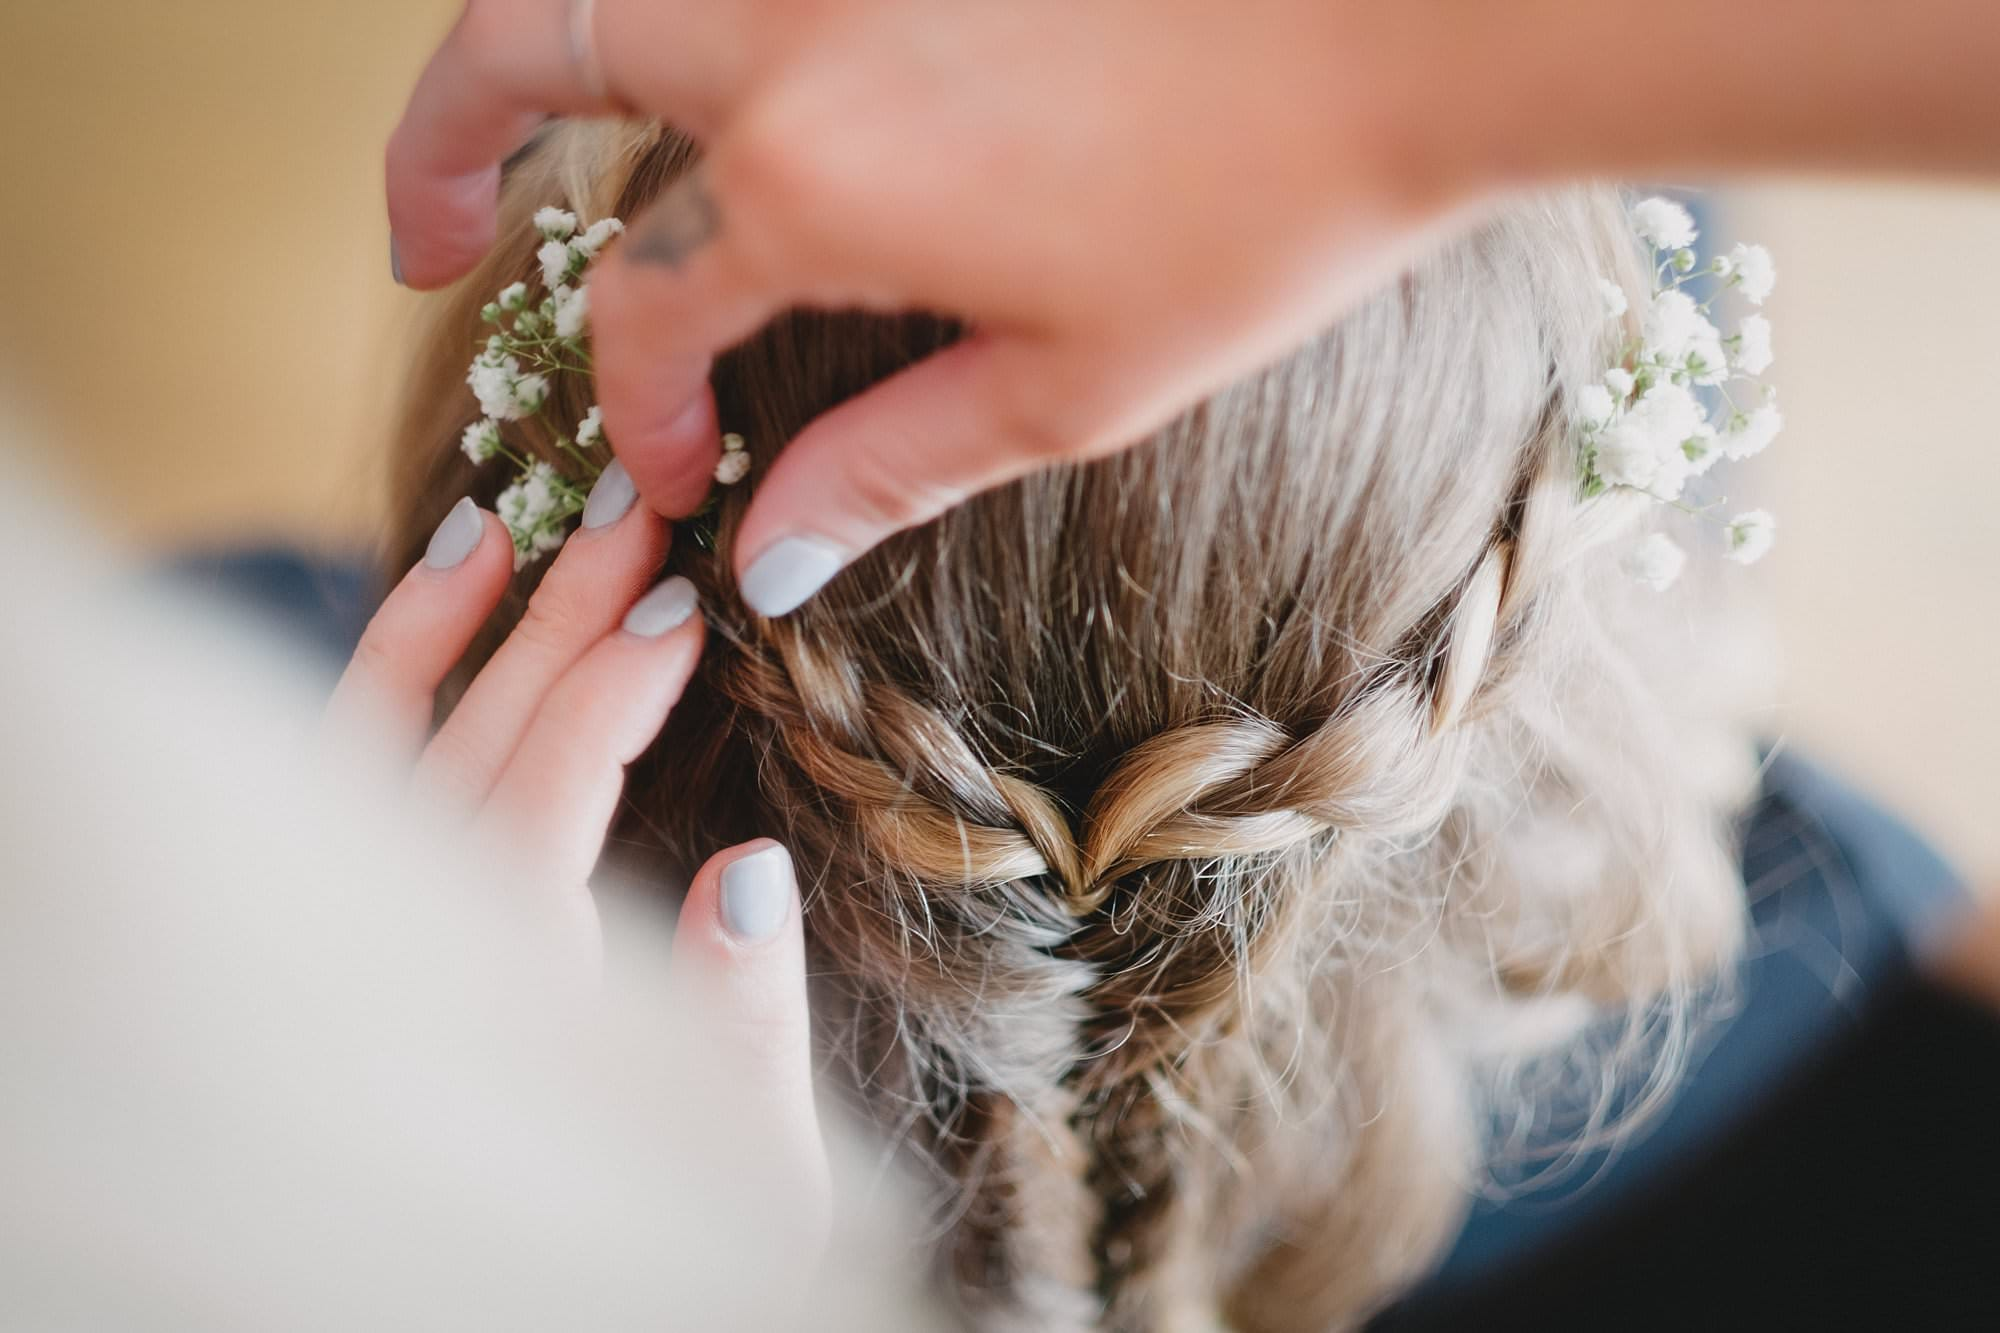 ashtead london wedding photographer 013 - Rachel & Jonny's Ashtead Wedding